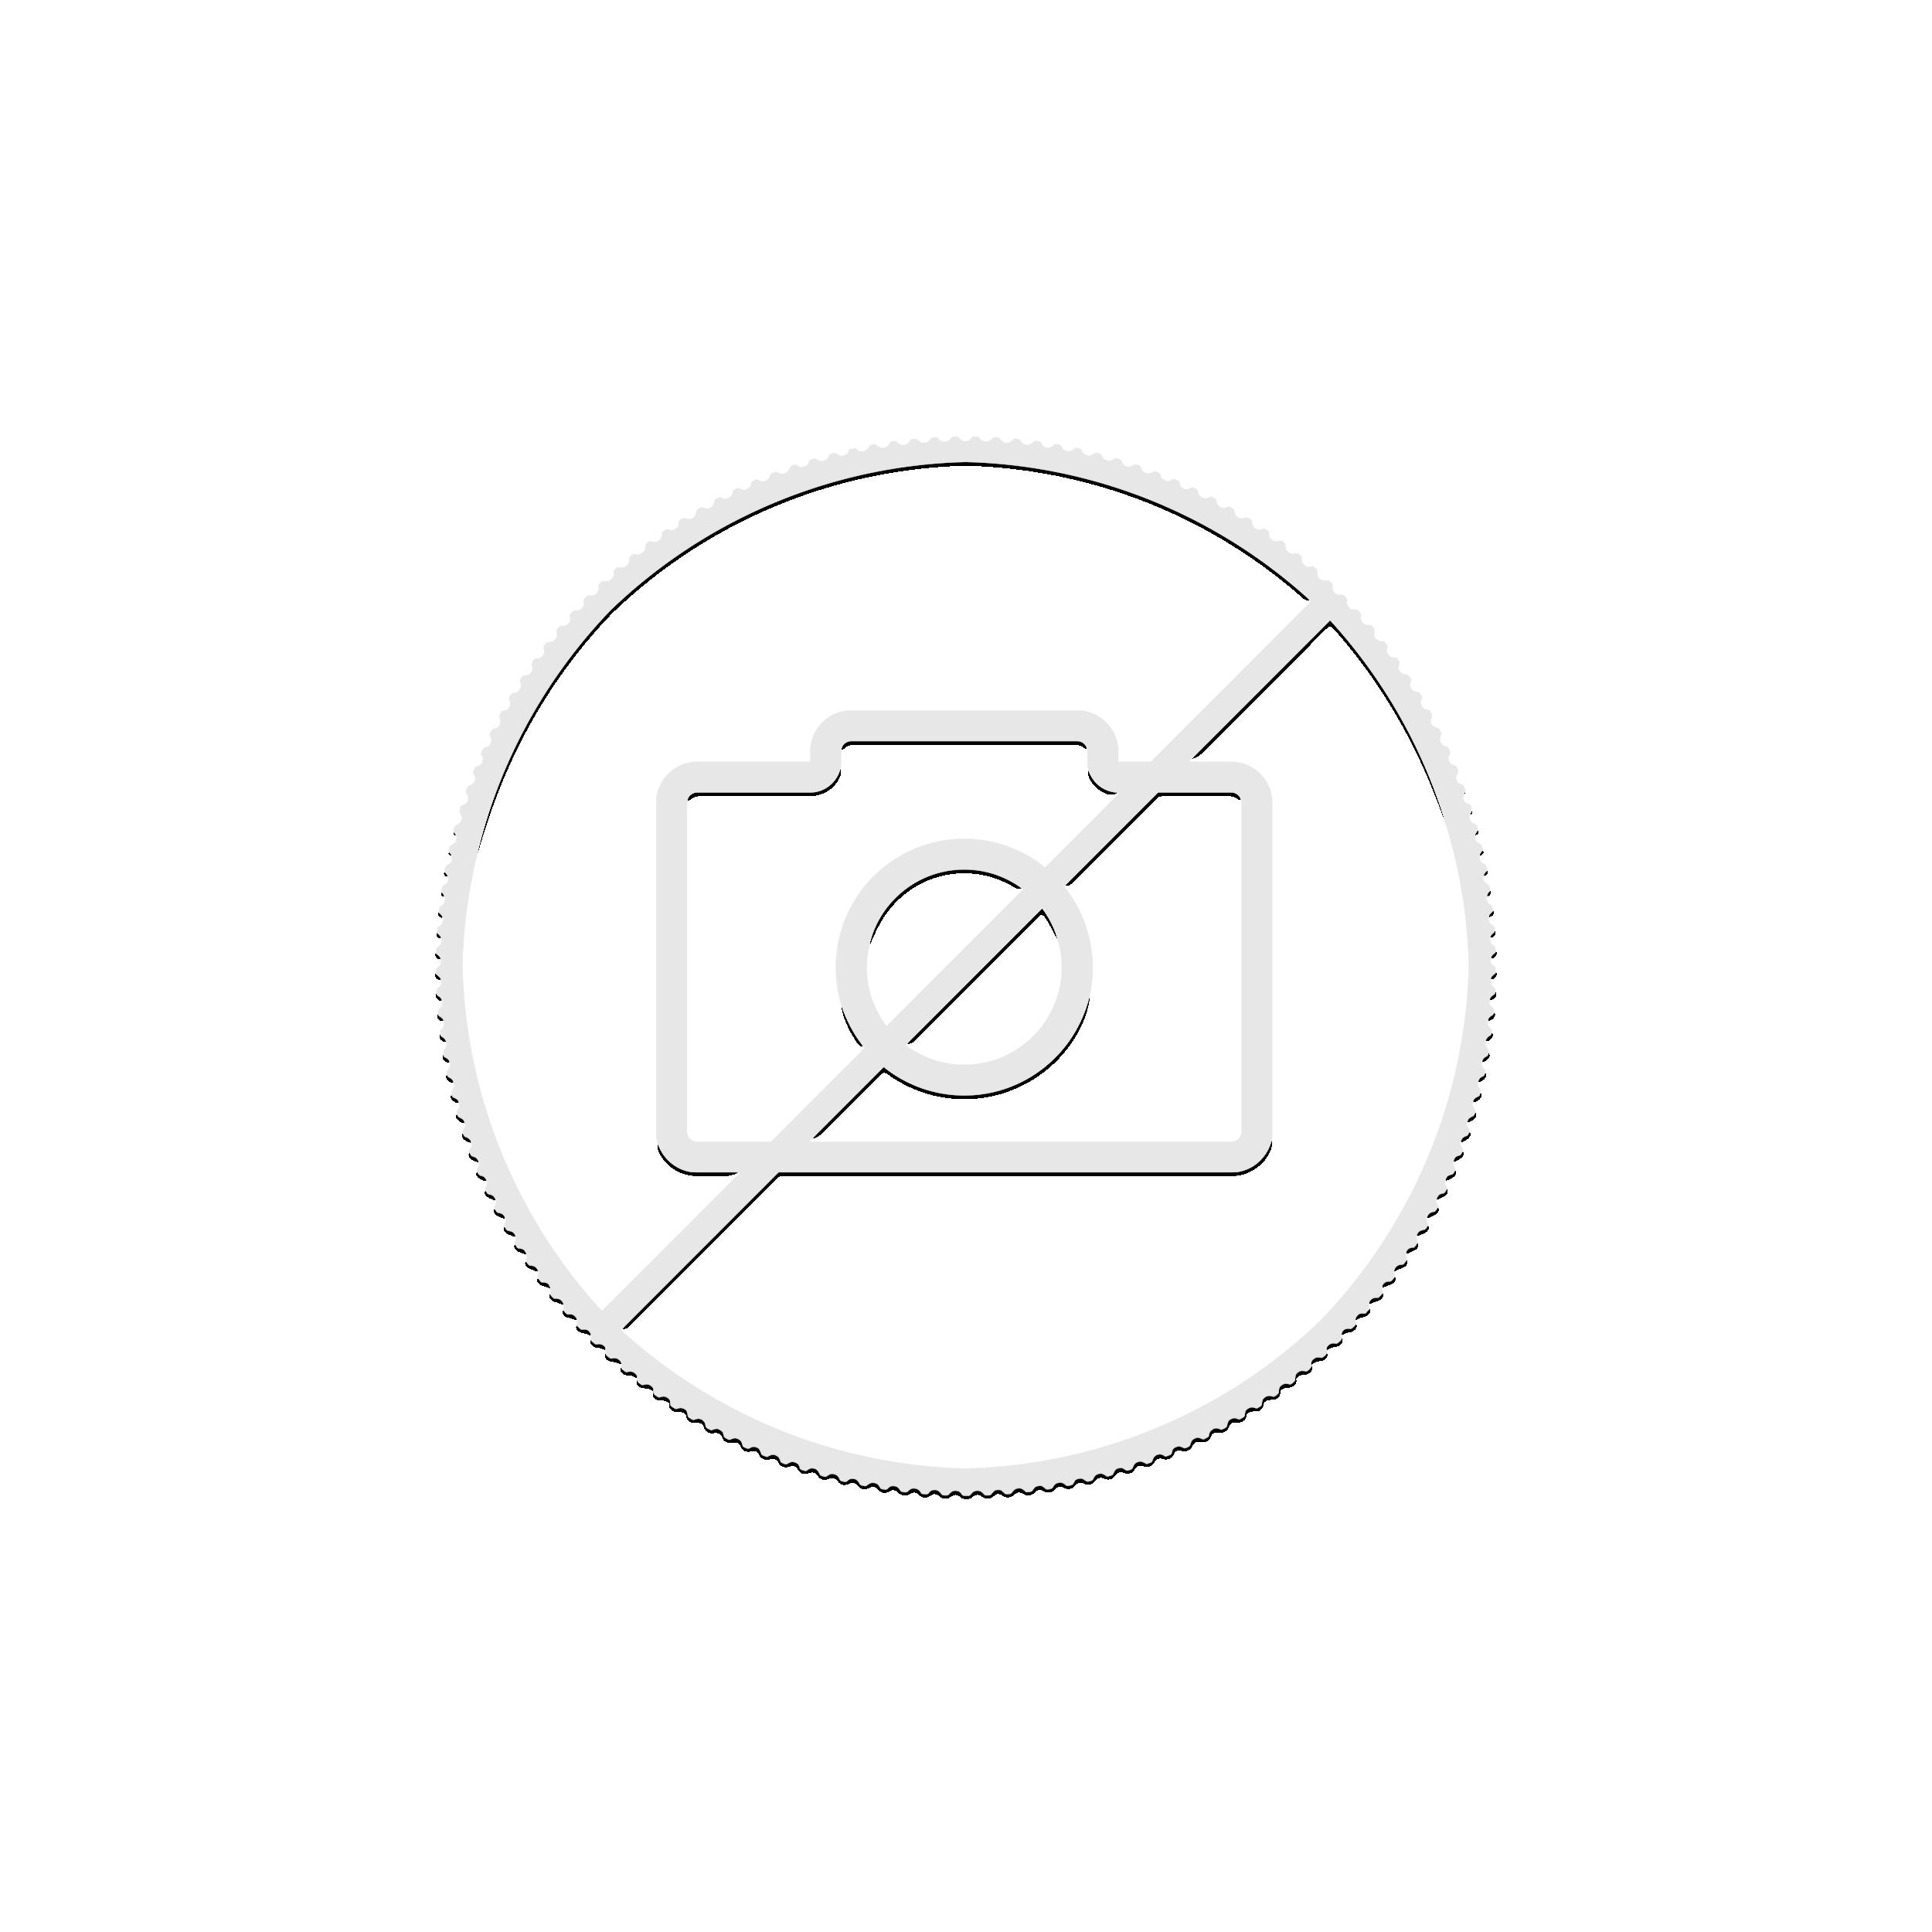 Zeldzaam: 1 troy ounce zilver Lunar Series I - Jaar van de tijger 2010